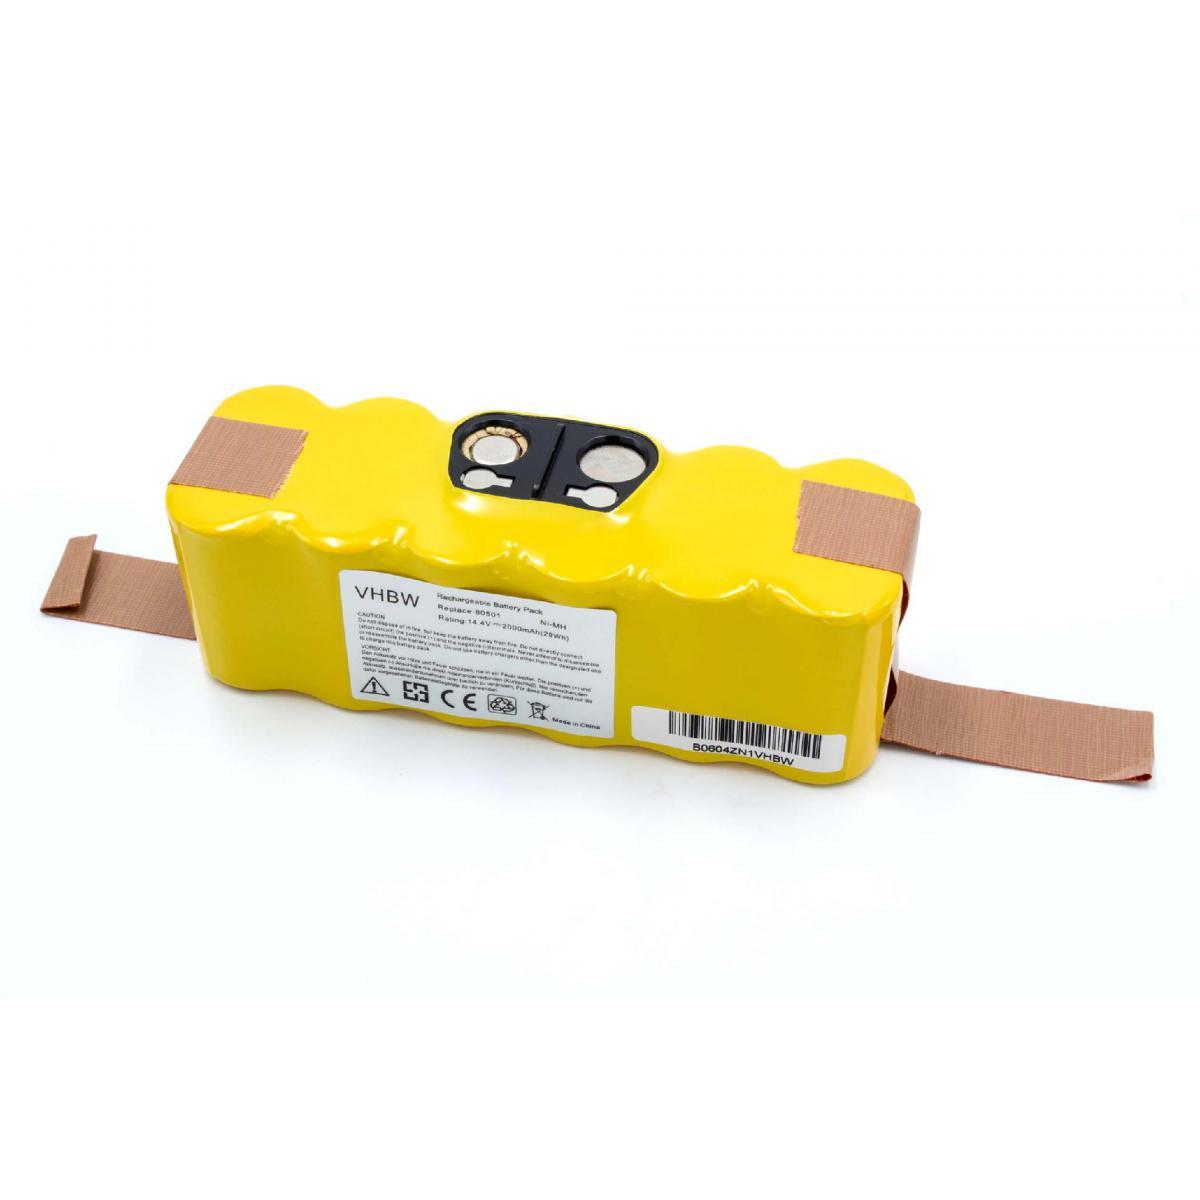 Vhbw vhbw batterie NiMH 2000mAh (14.4V) compatible avec iRobot Roomba 611, Roomba 612, Roomba 614, Roomba 618, Roomba 681, Ro